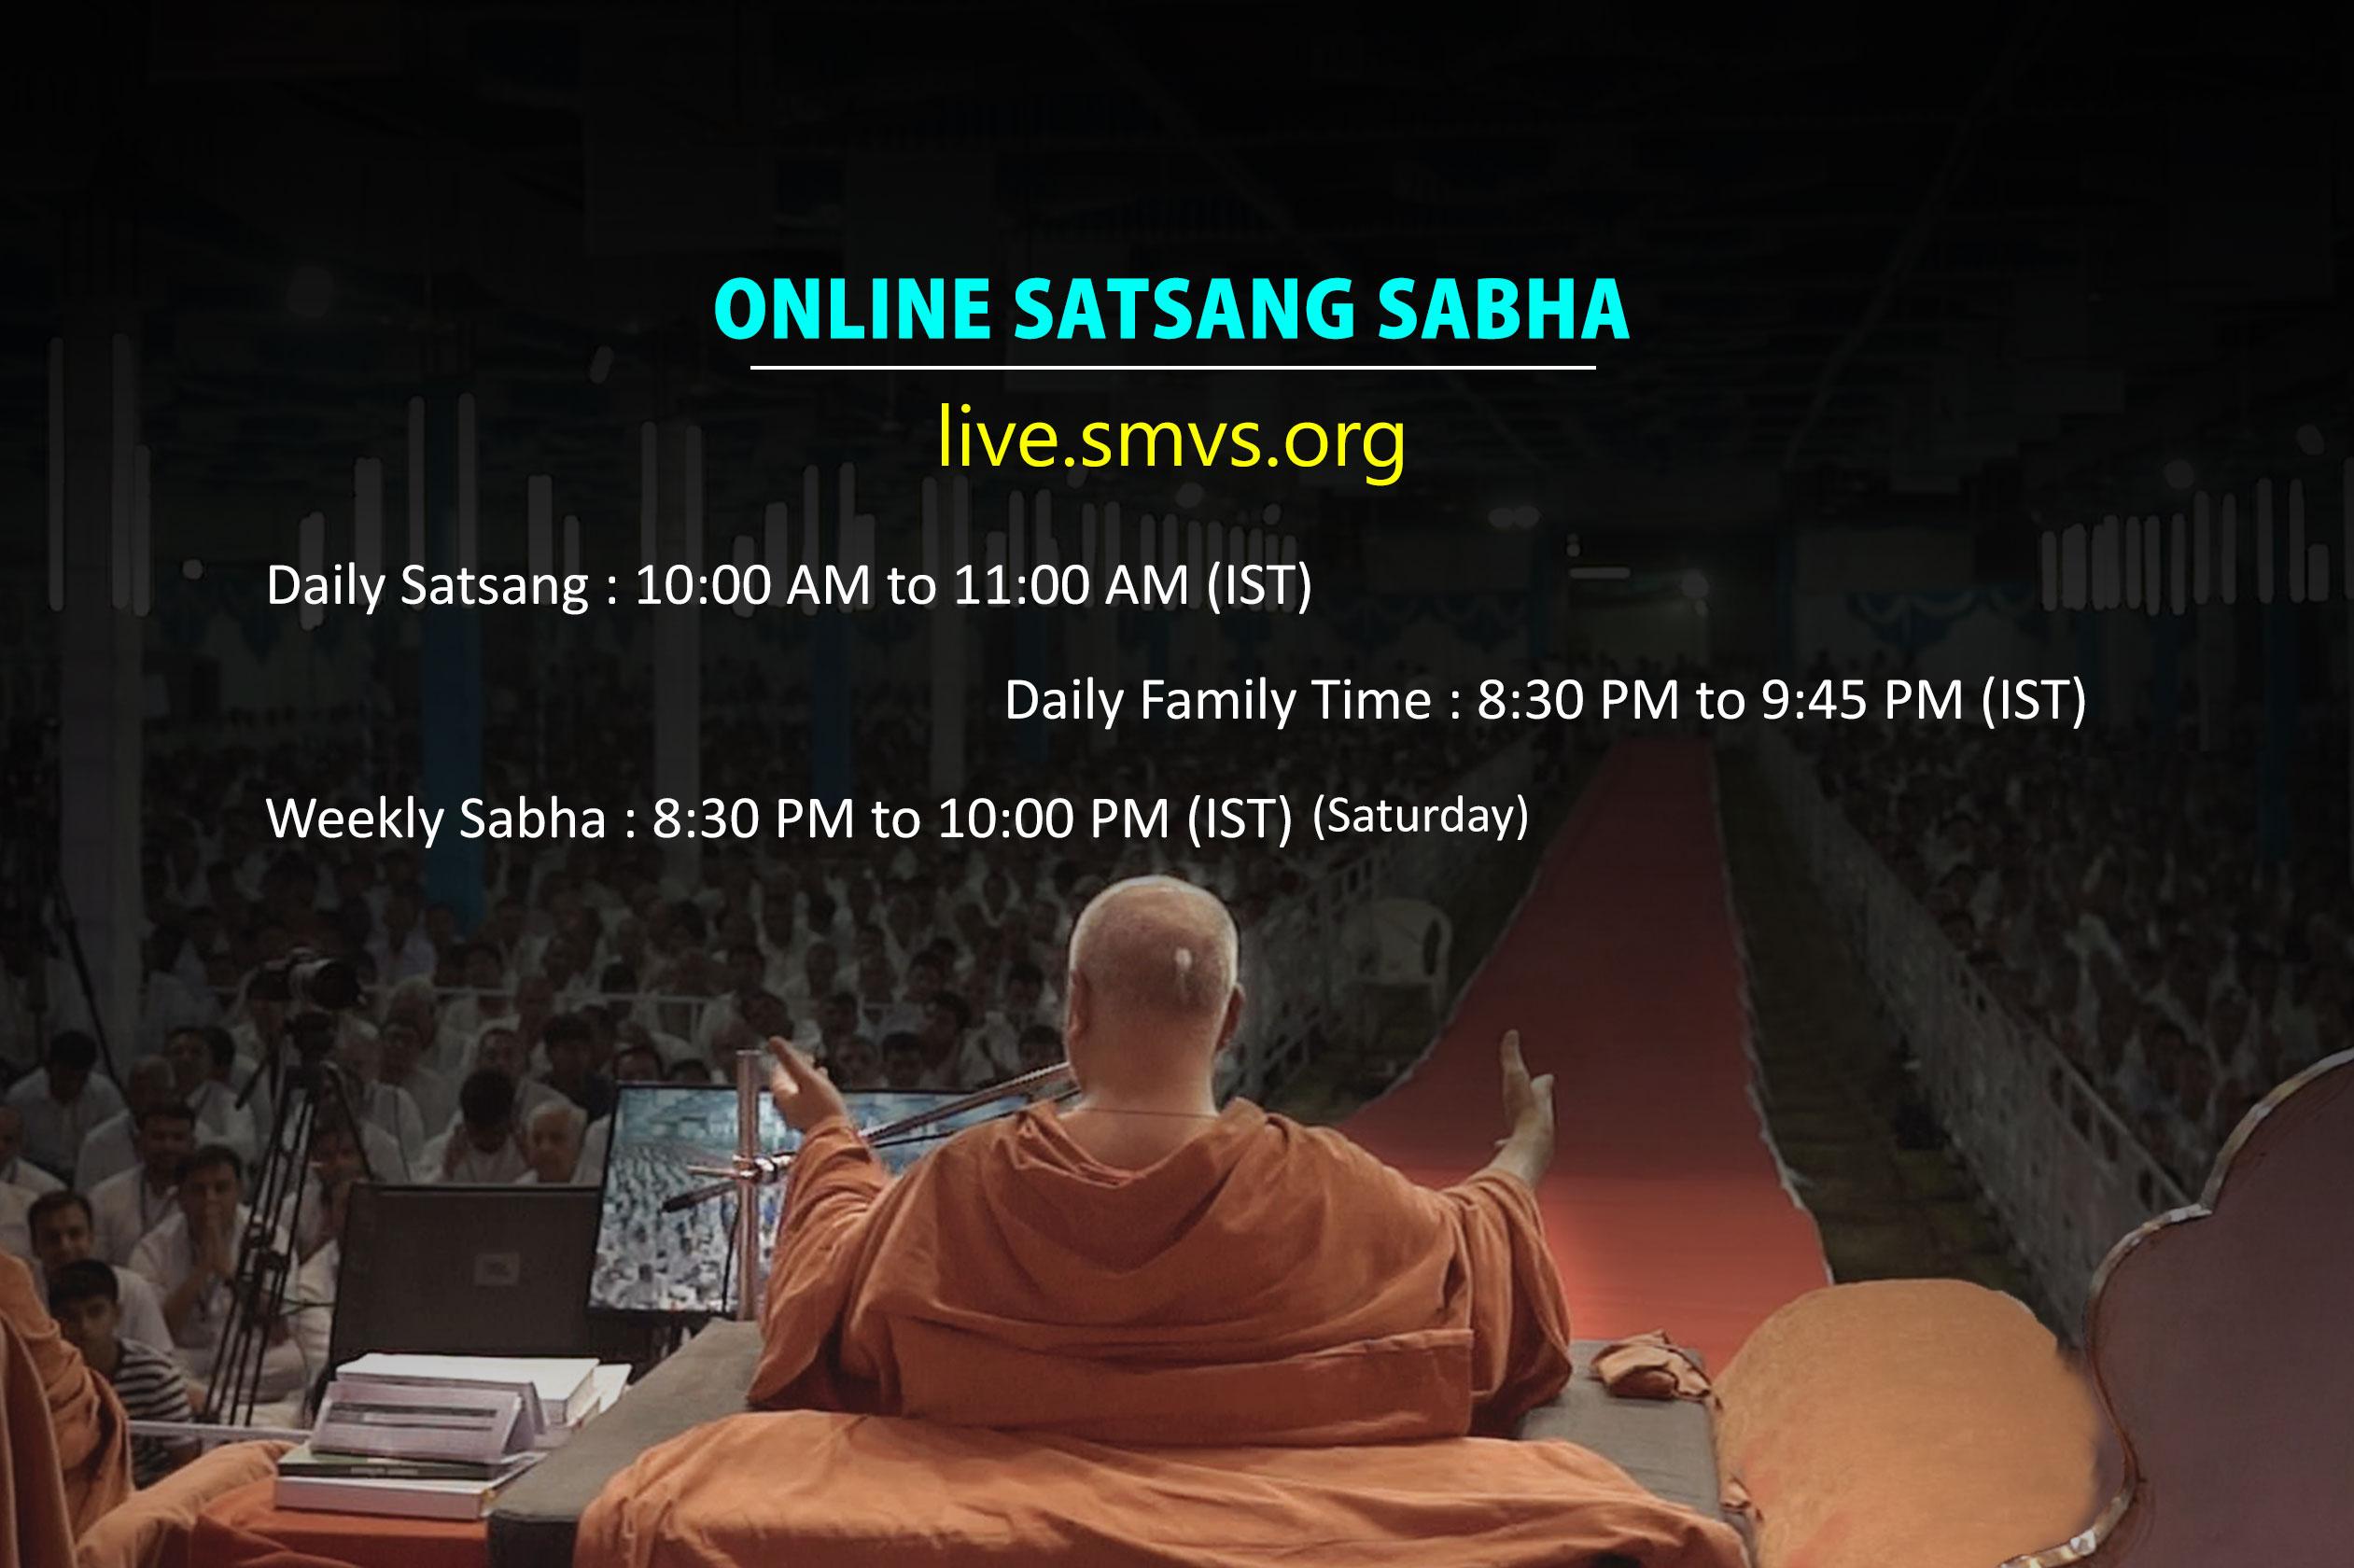 Online Satsang Sabha